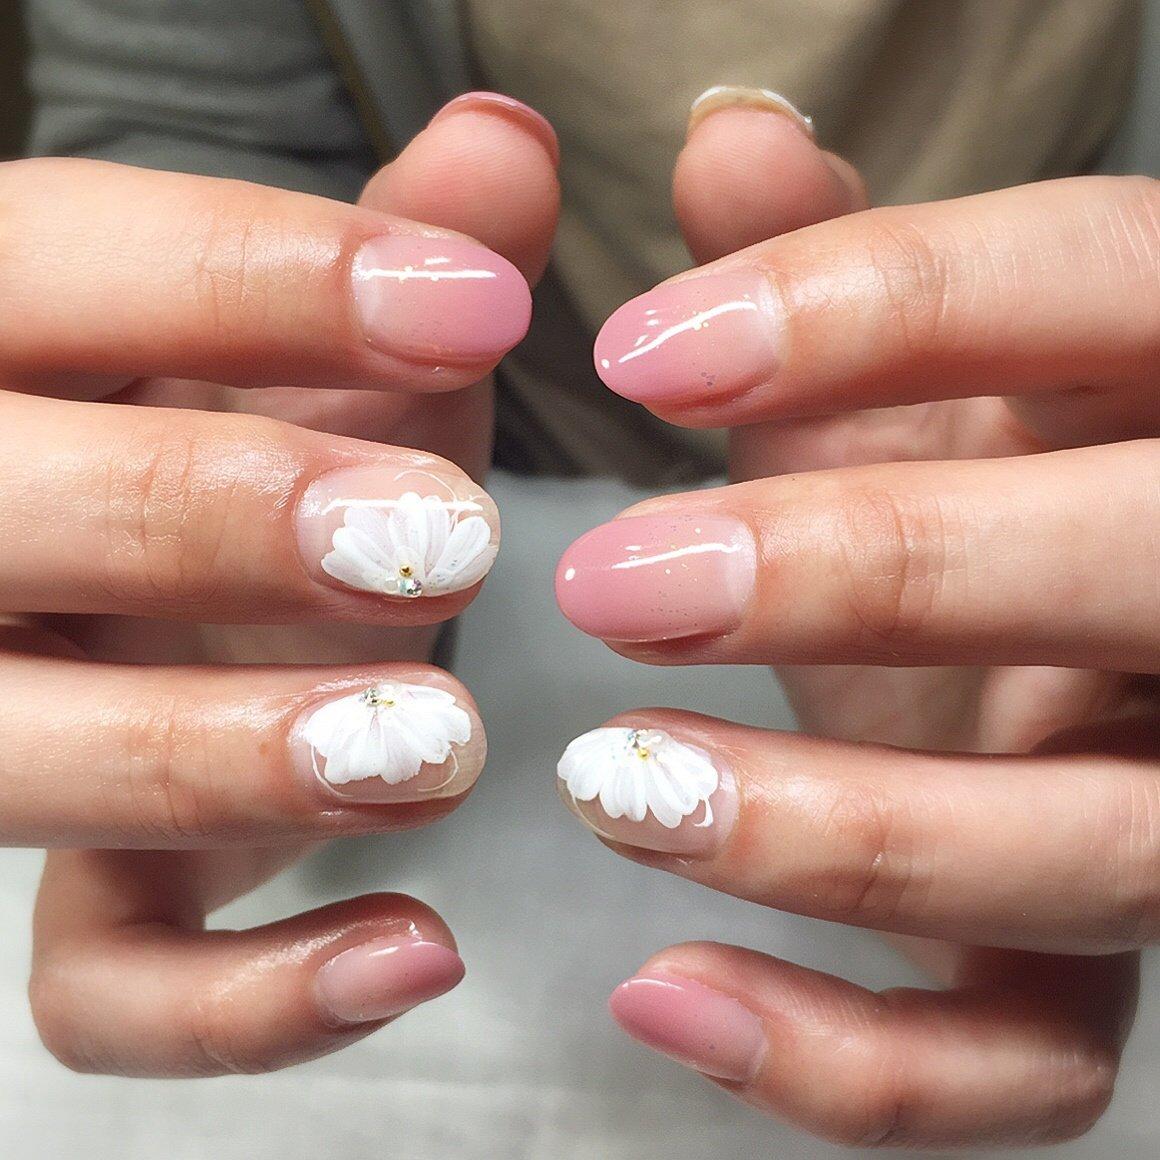 #ハンド #グラデーション #フラワー #ホワイト #ピンク #ジェル #お客様 #宮川麗 #ネイルブック